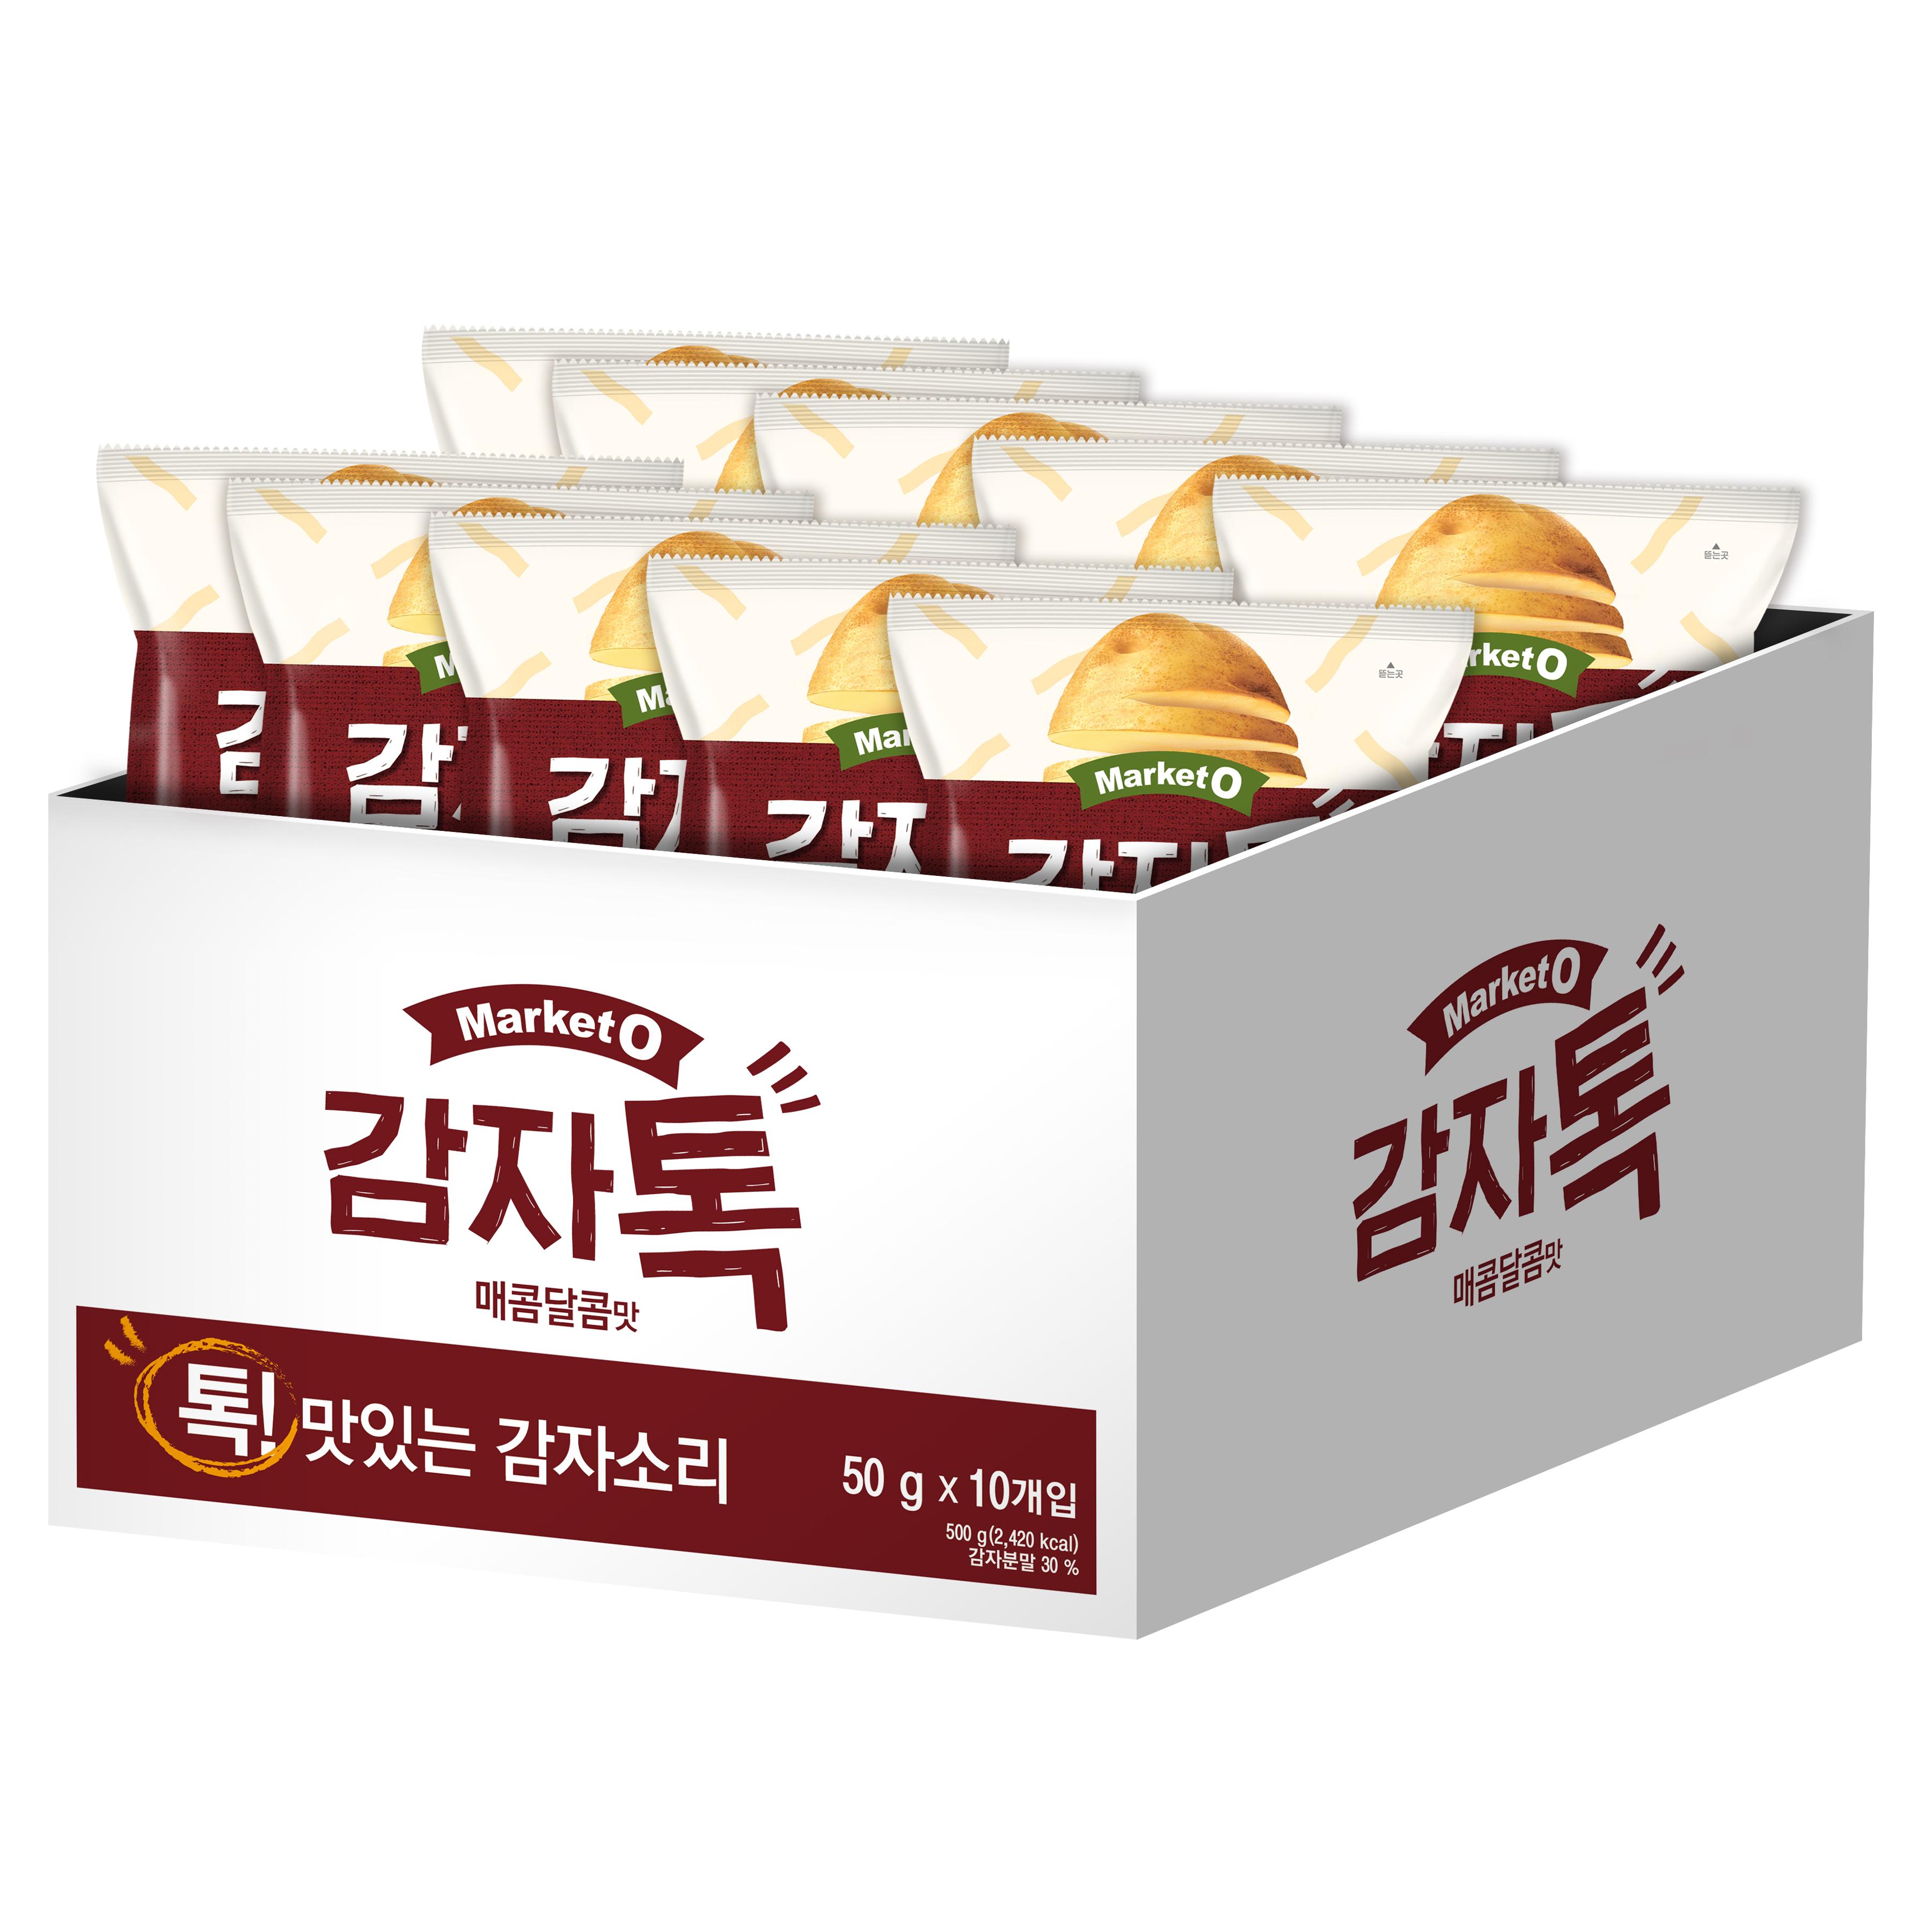 마켓오 감자톡 매콤달콤맛, 50g, 10개